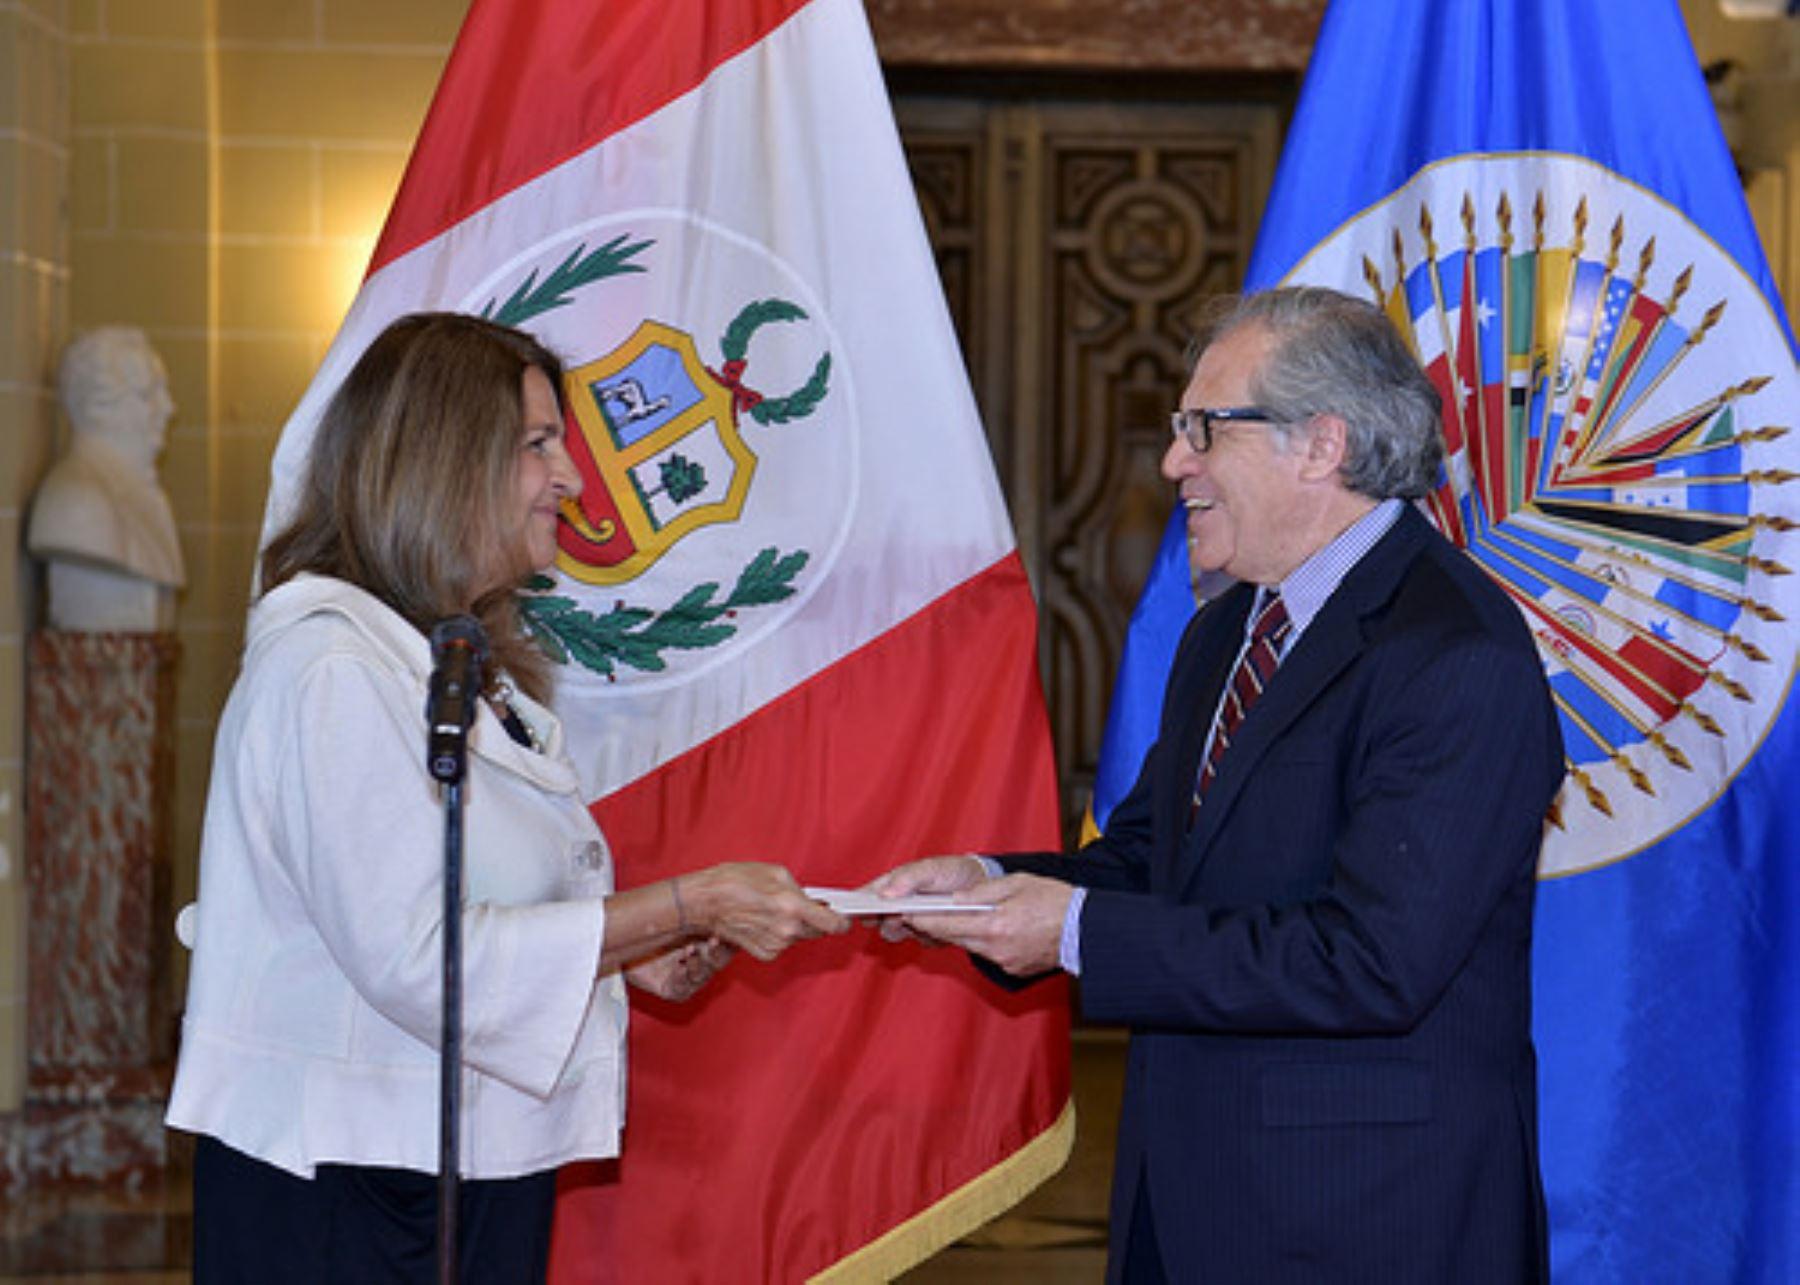 La embajadora Ana Rosa Valdivieso entregó hoy al secretario general de la OEA, Luis Almagro, las cartas credenciales que la acreditan como representante permanente de Perú ante el organismo hemisférico.